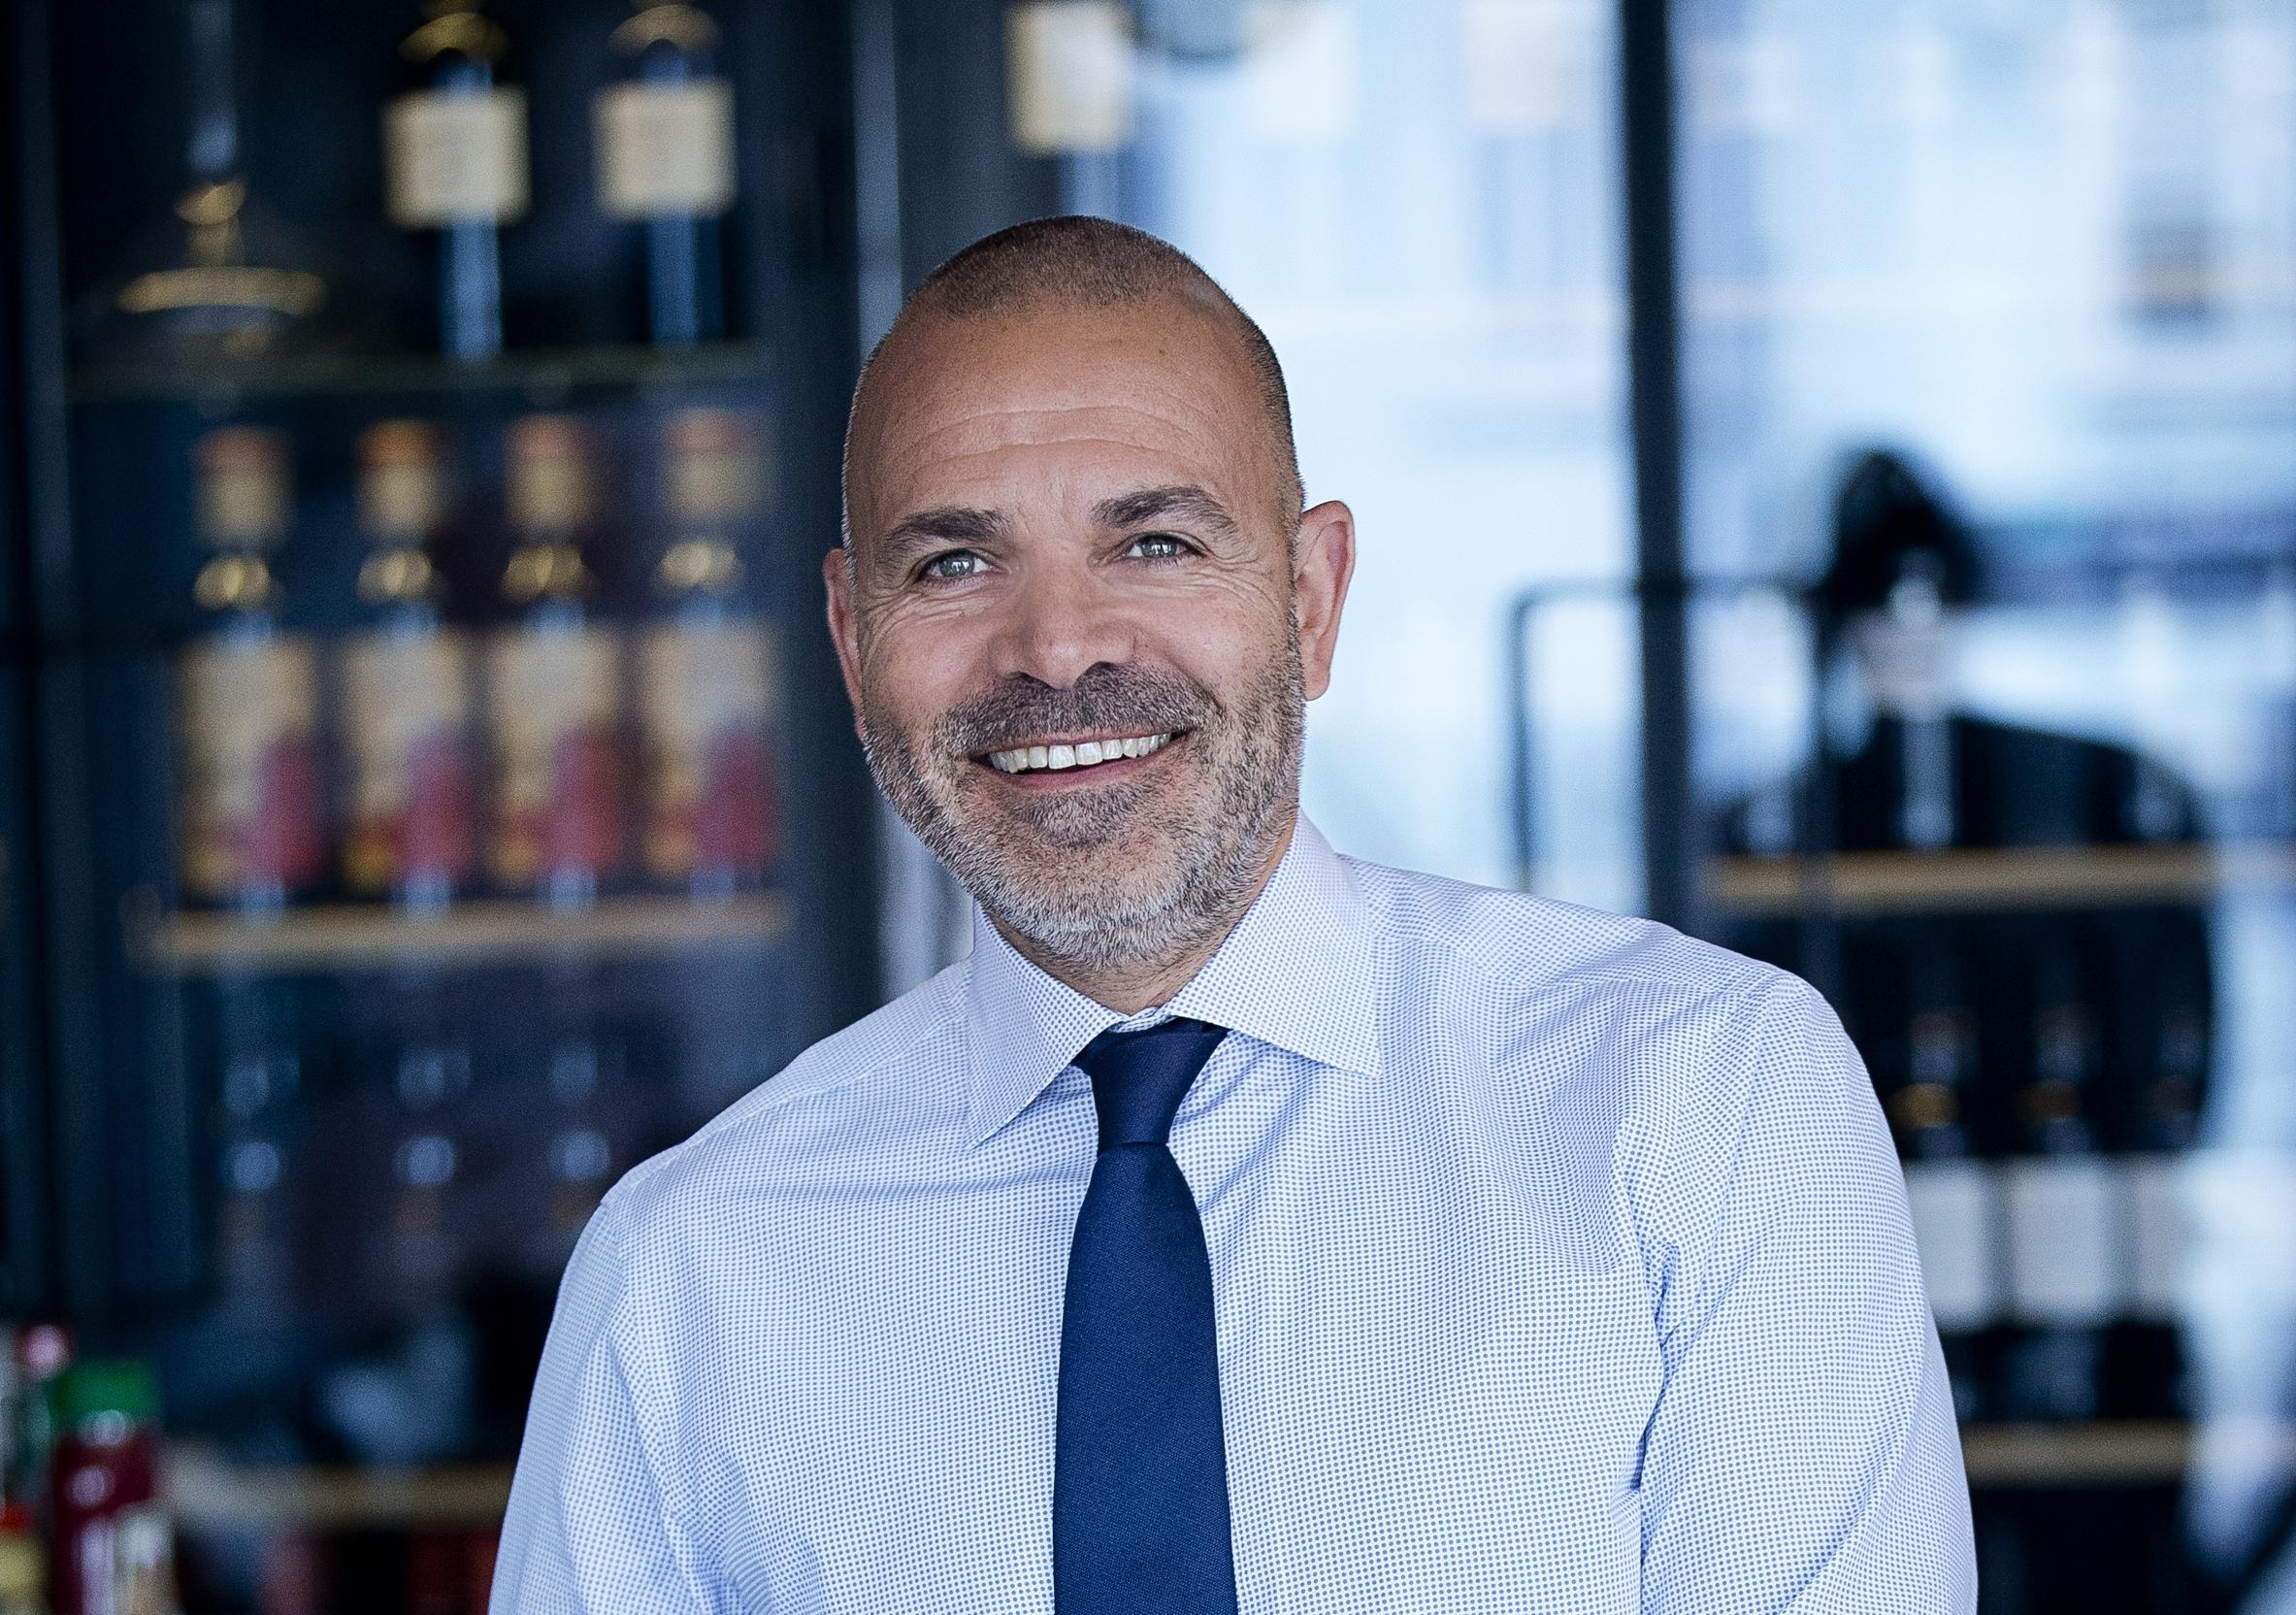 Karim Nielsen, den nyvalgte formand for Cruise Copenhagen, er til daglig hoteldirektør i København. Han har i sin lange karriere indenfor dansk turisme arbejde med krydstogtbranchen i snart 25 år. Arkivfoto.